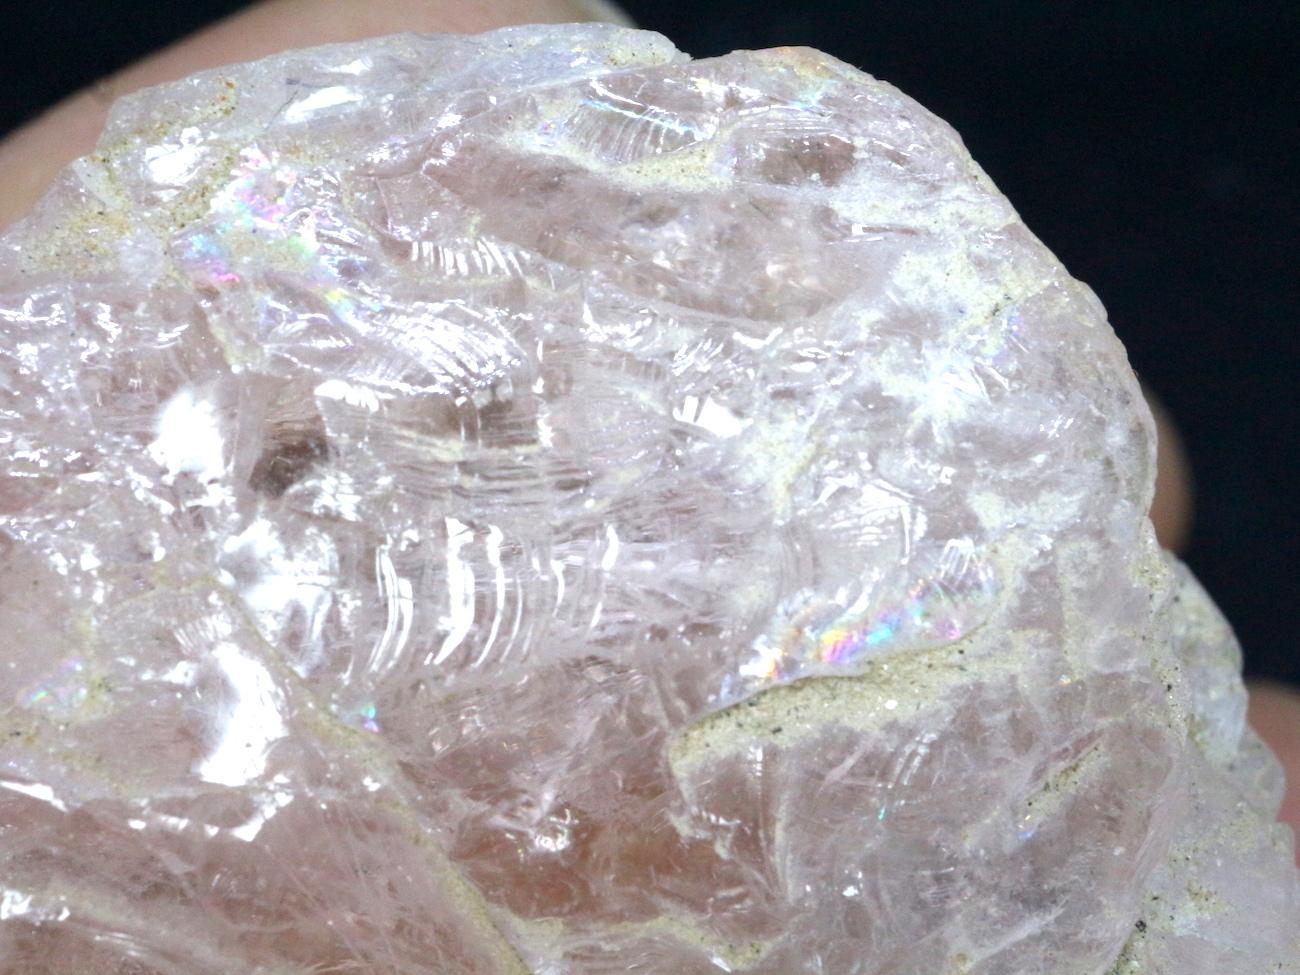 カリフォルニア産! モルガナイト 原石 天然 非加熱 モルガン石 33,5g MN007